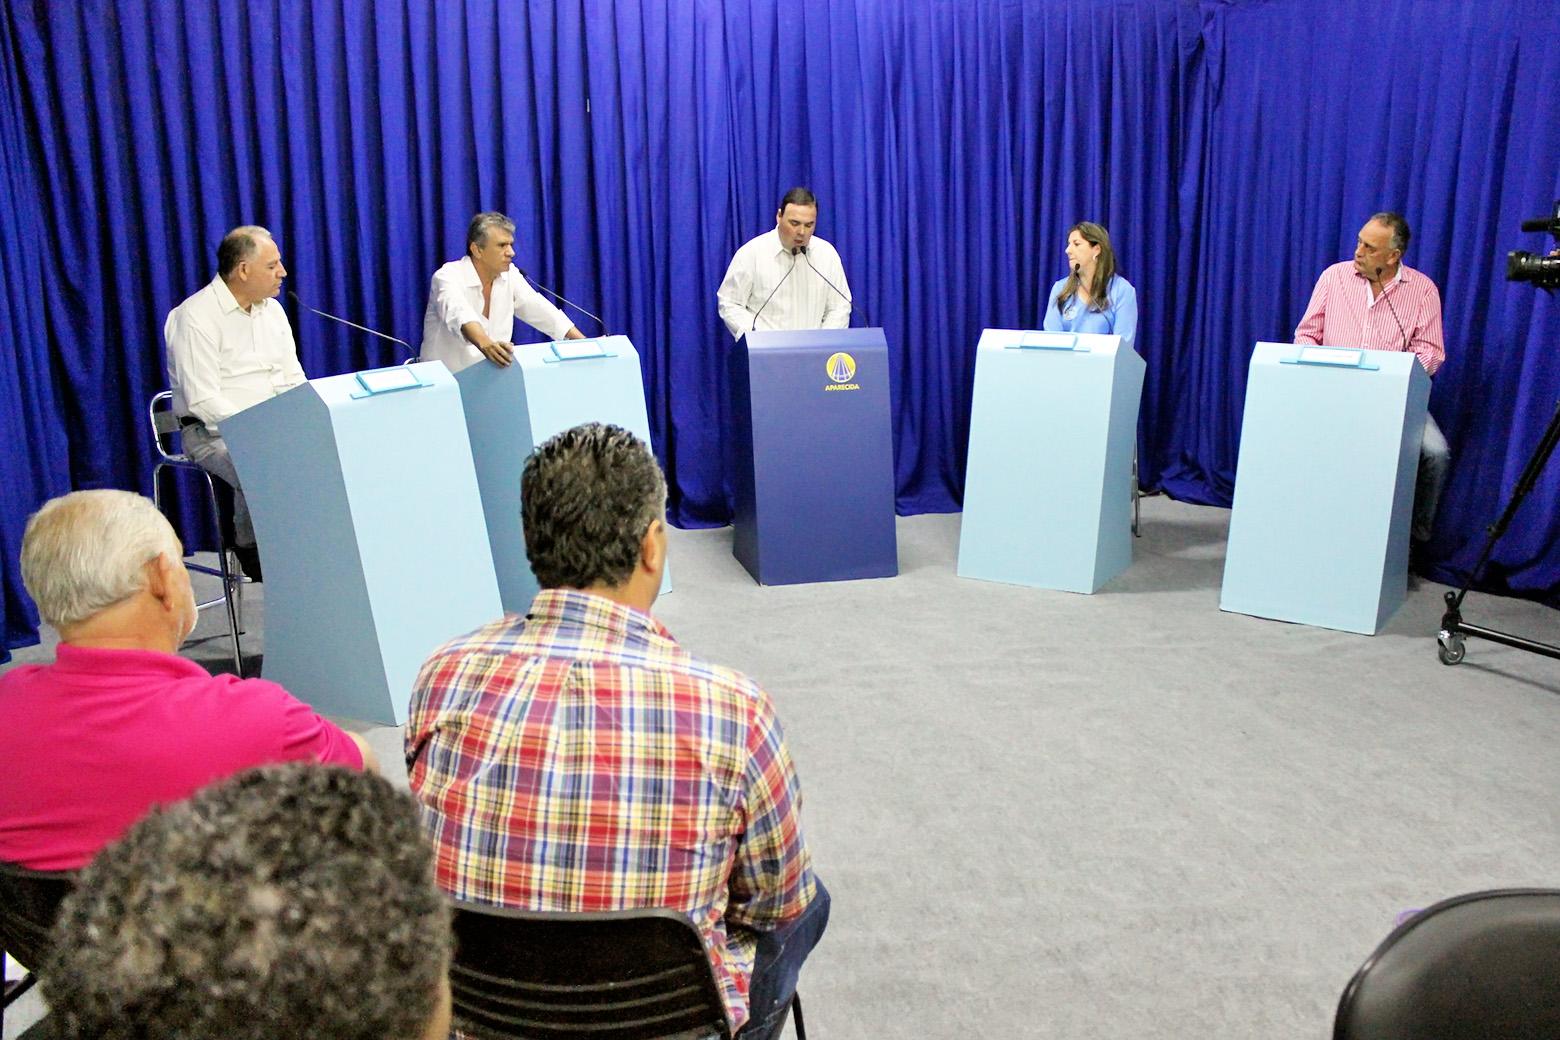 Os quatro candidatos a prefeito de Potim, que participaram de debate nos estúdios da Rádio Aparecida (Foto: Divulgação Rede Aparecida)